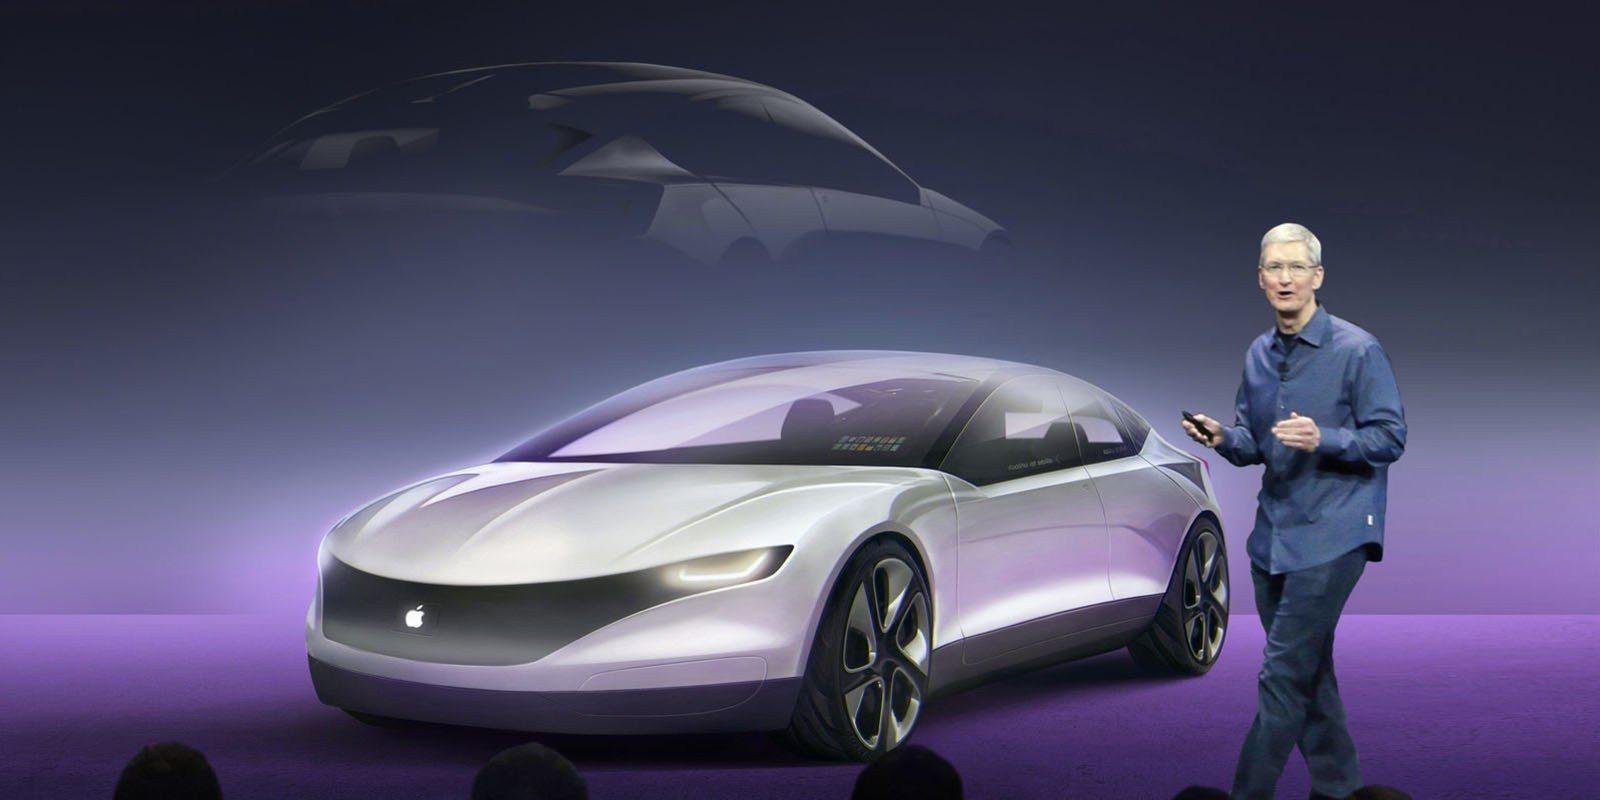 Apple tự tin sẽ mang lại cuộc cách mạng mới cho nền công nghiệp ô tô. Ảnh: 9to5mac